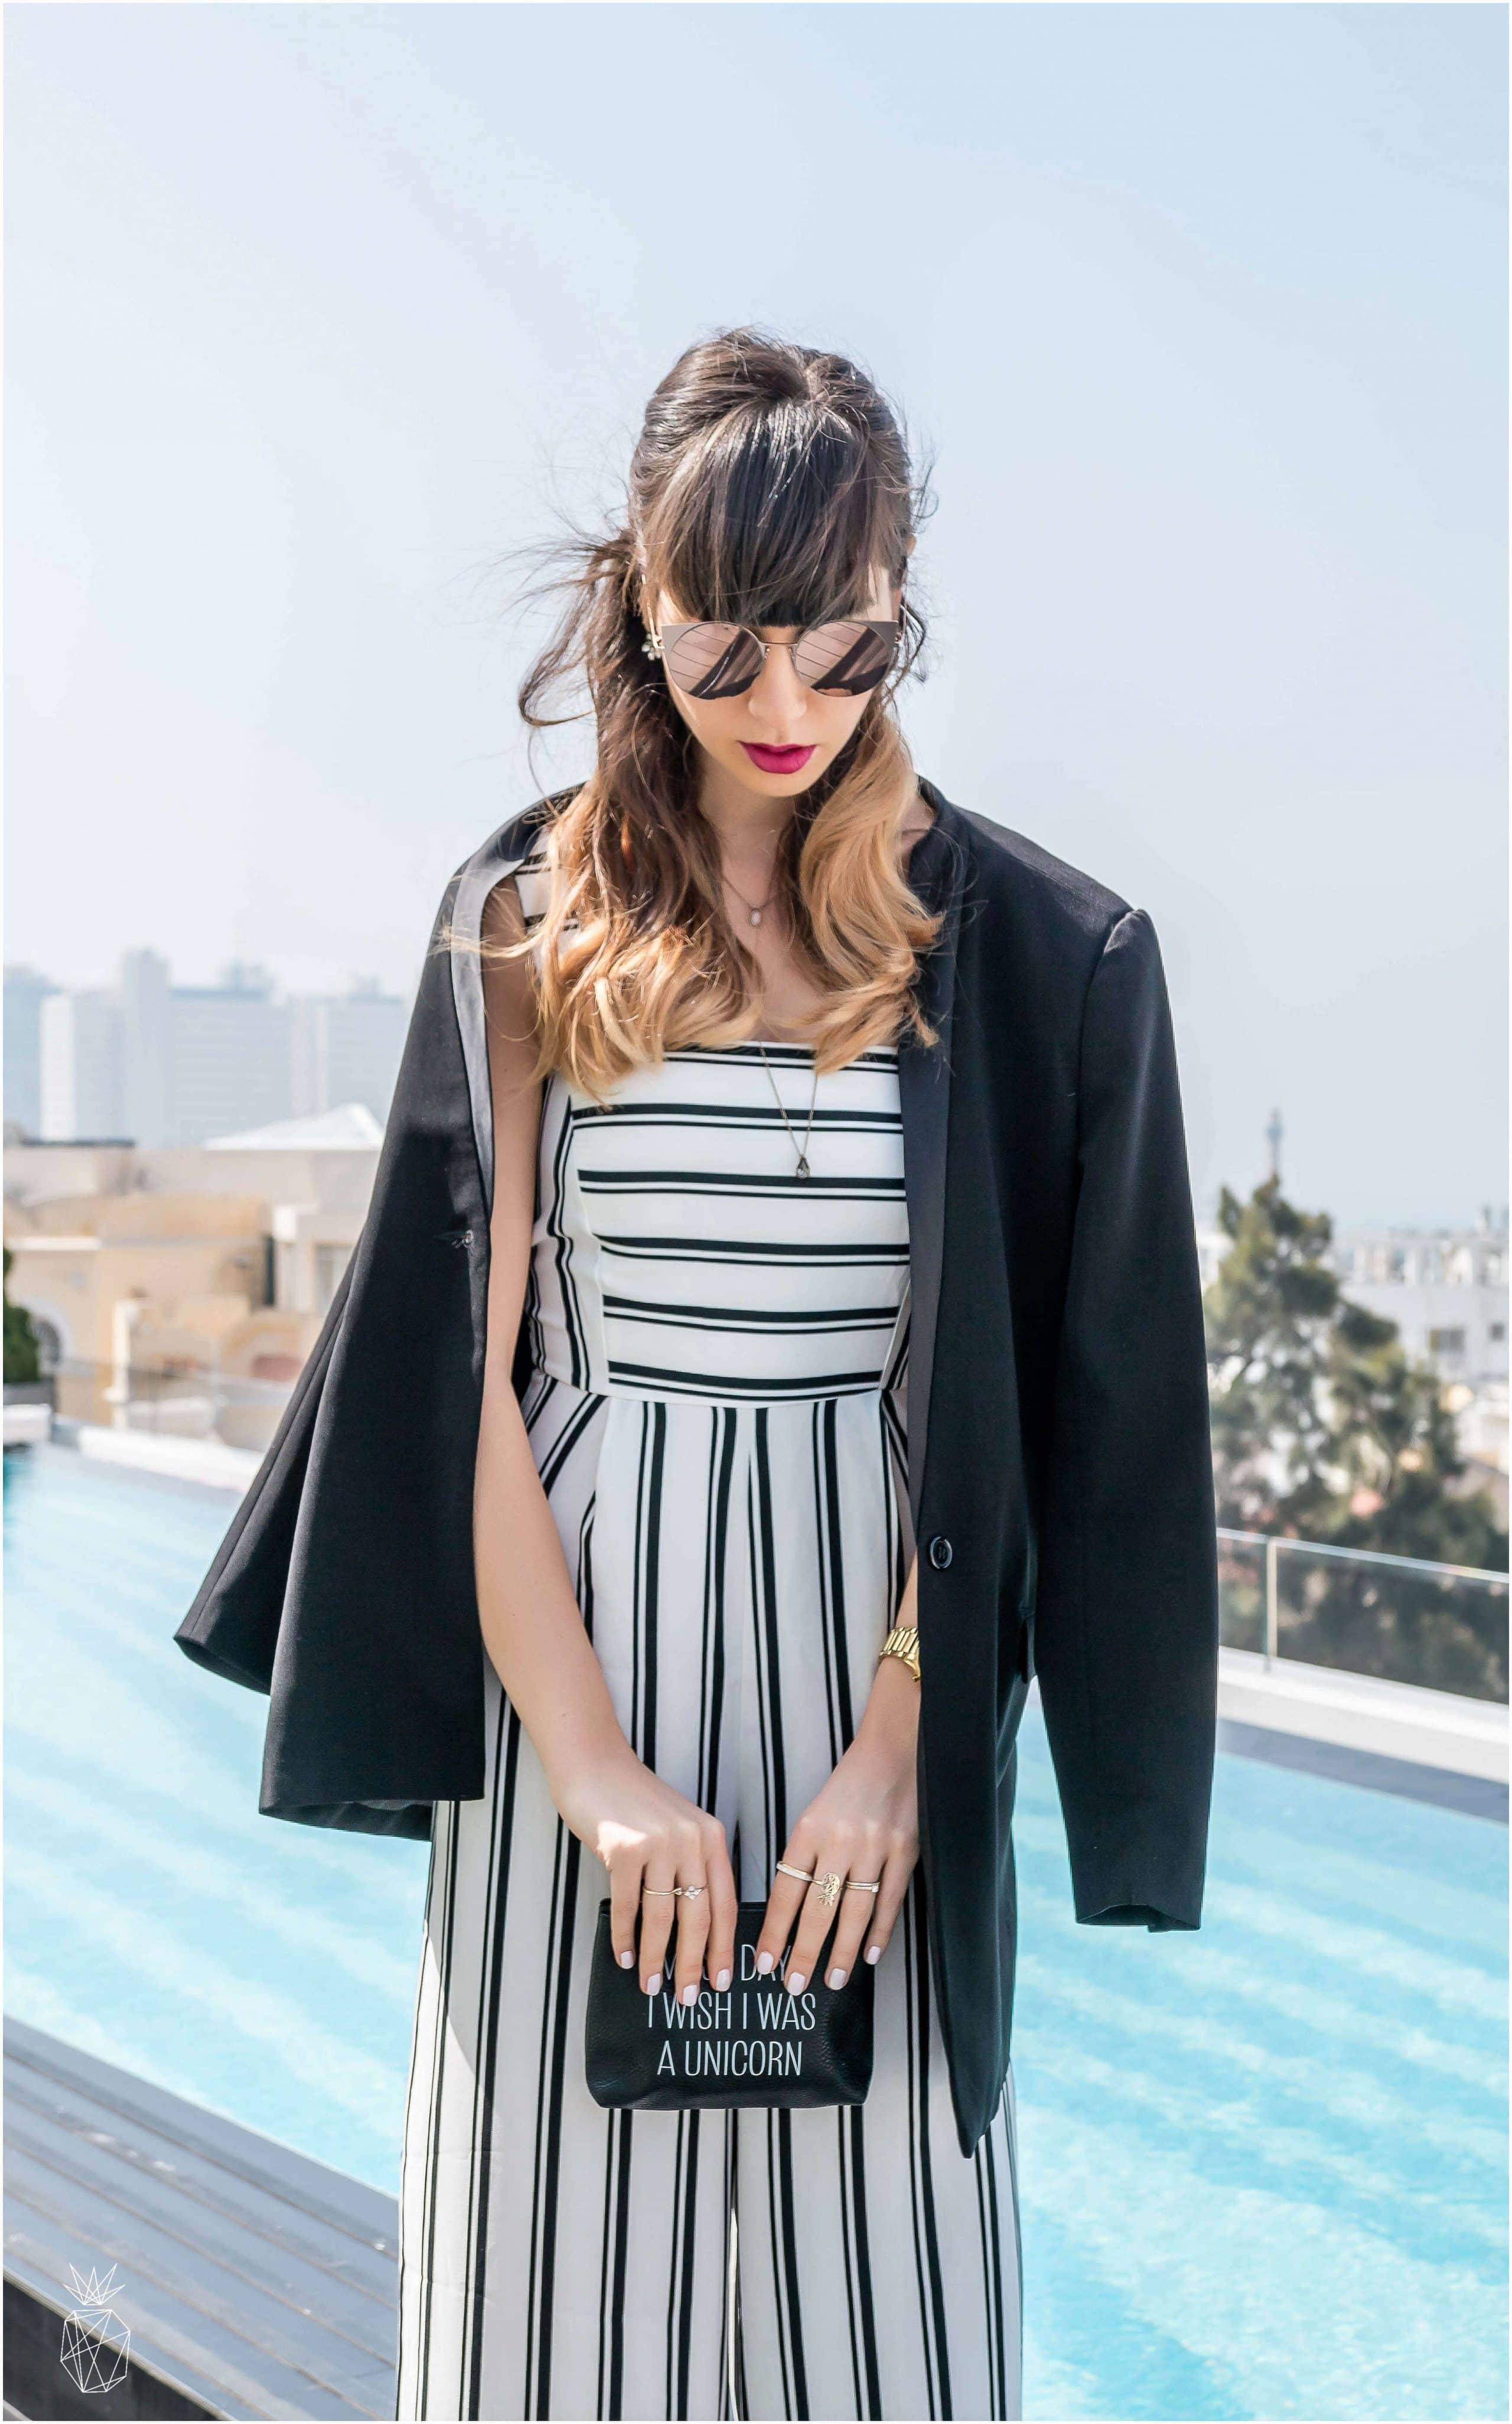 Statement stripes - spring / summer 2017